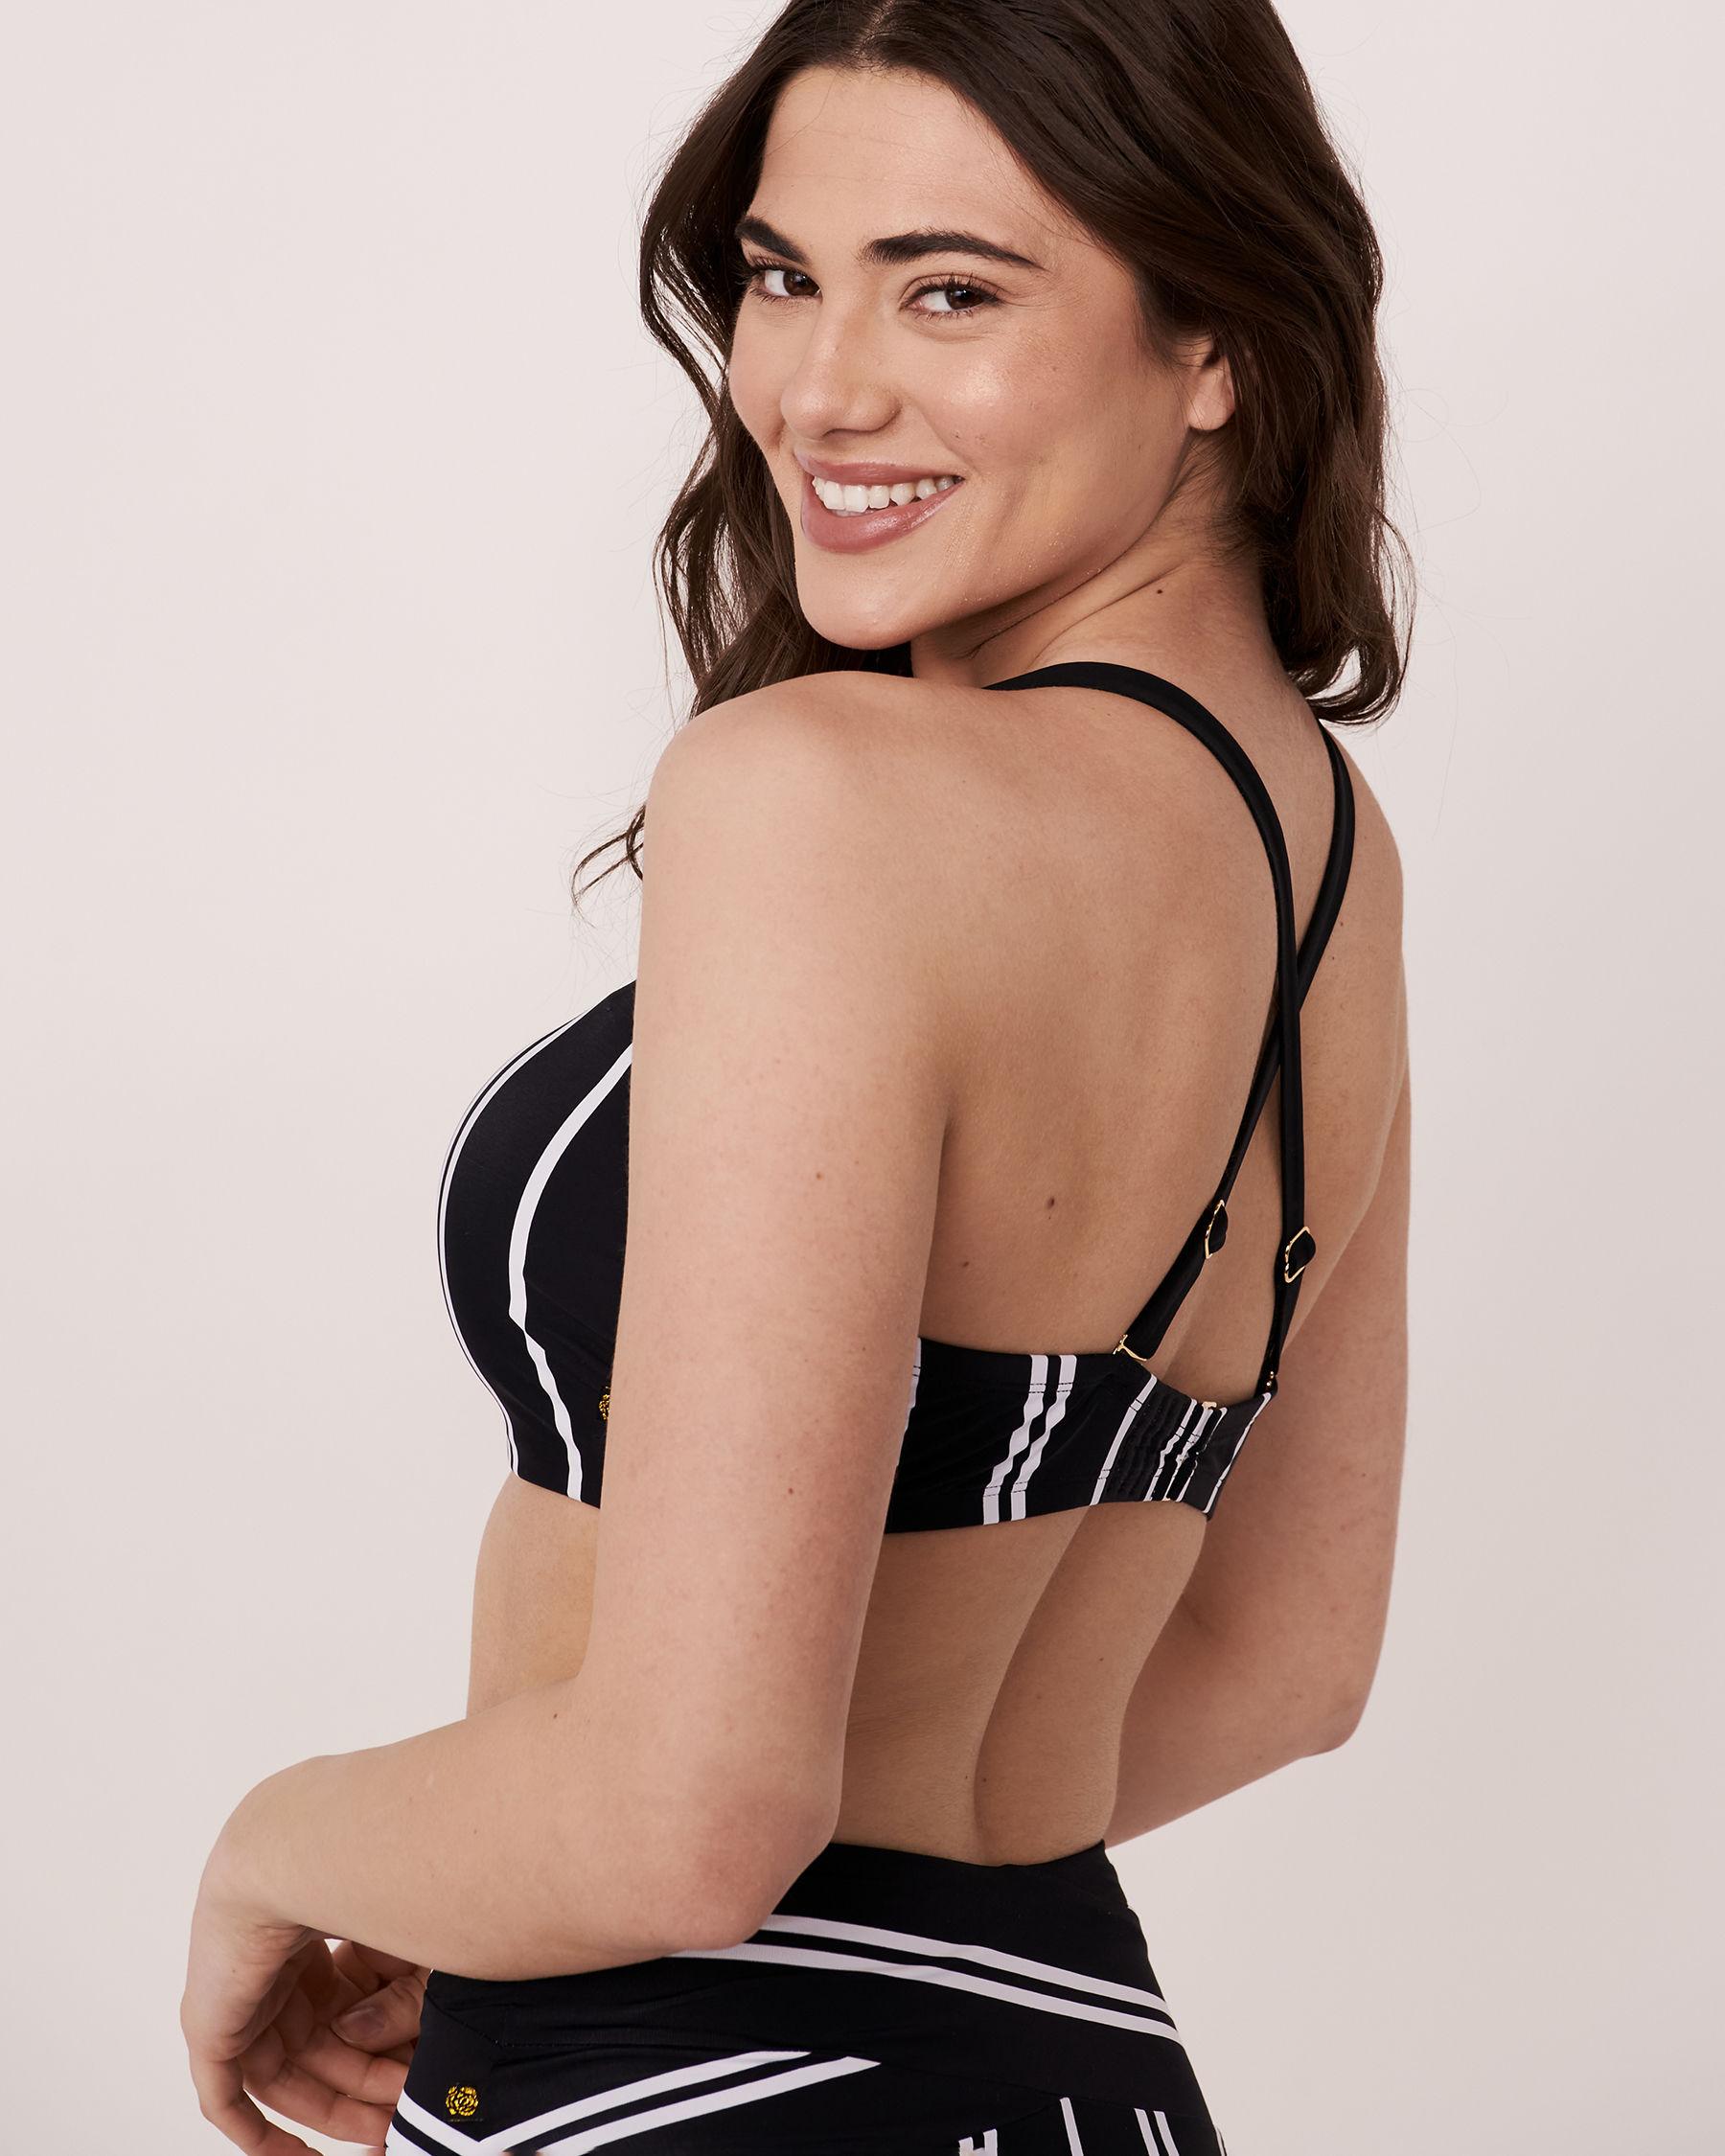 LA VIE EN ROSE AQUA Haut bikini bandeau bonnet D ICON Rayures blanches et noires 70200011 - Voir3